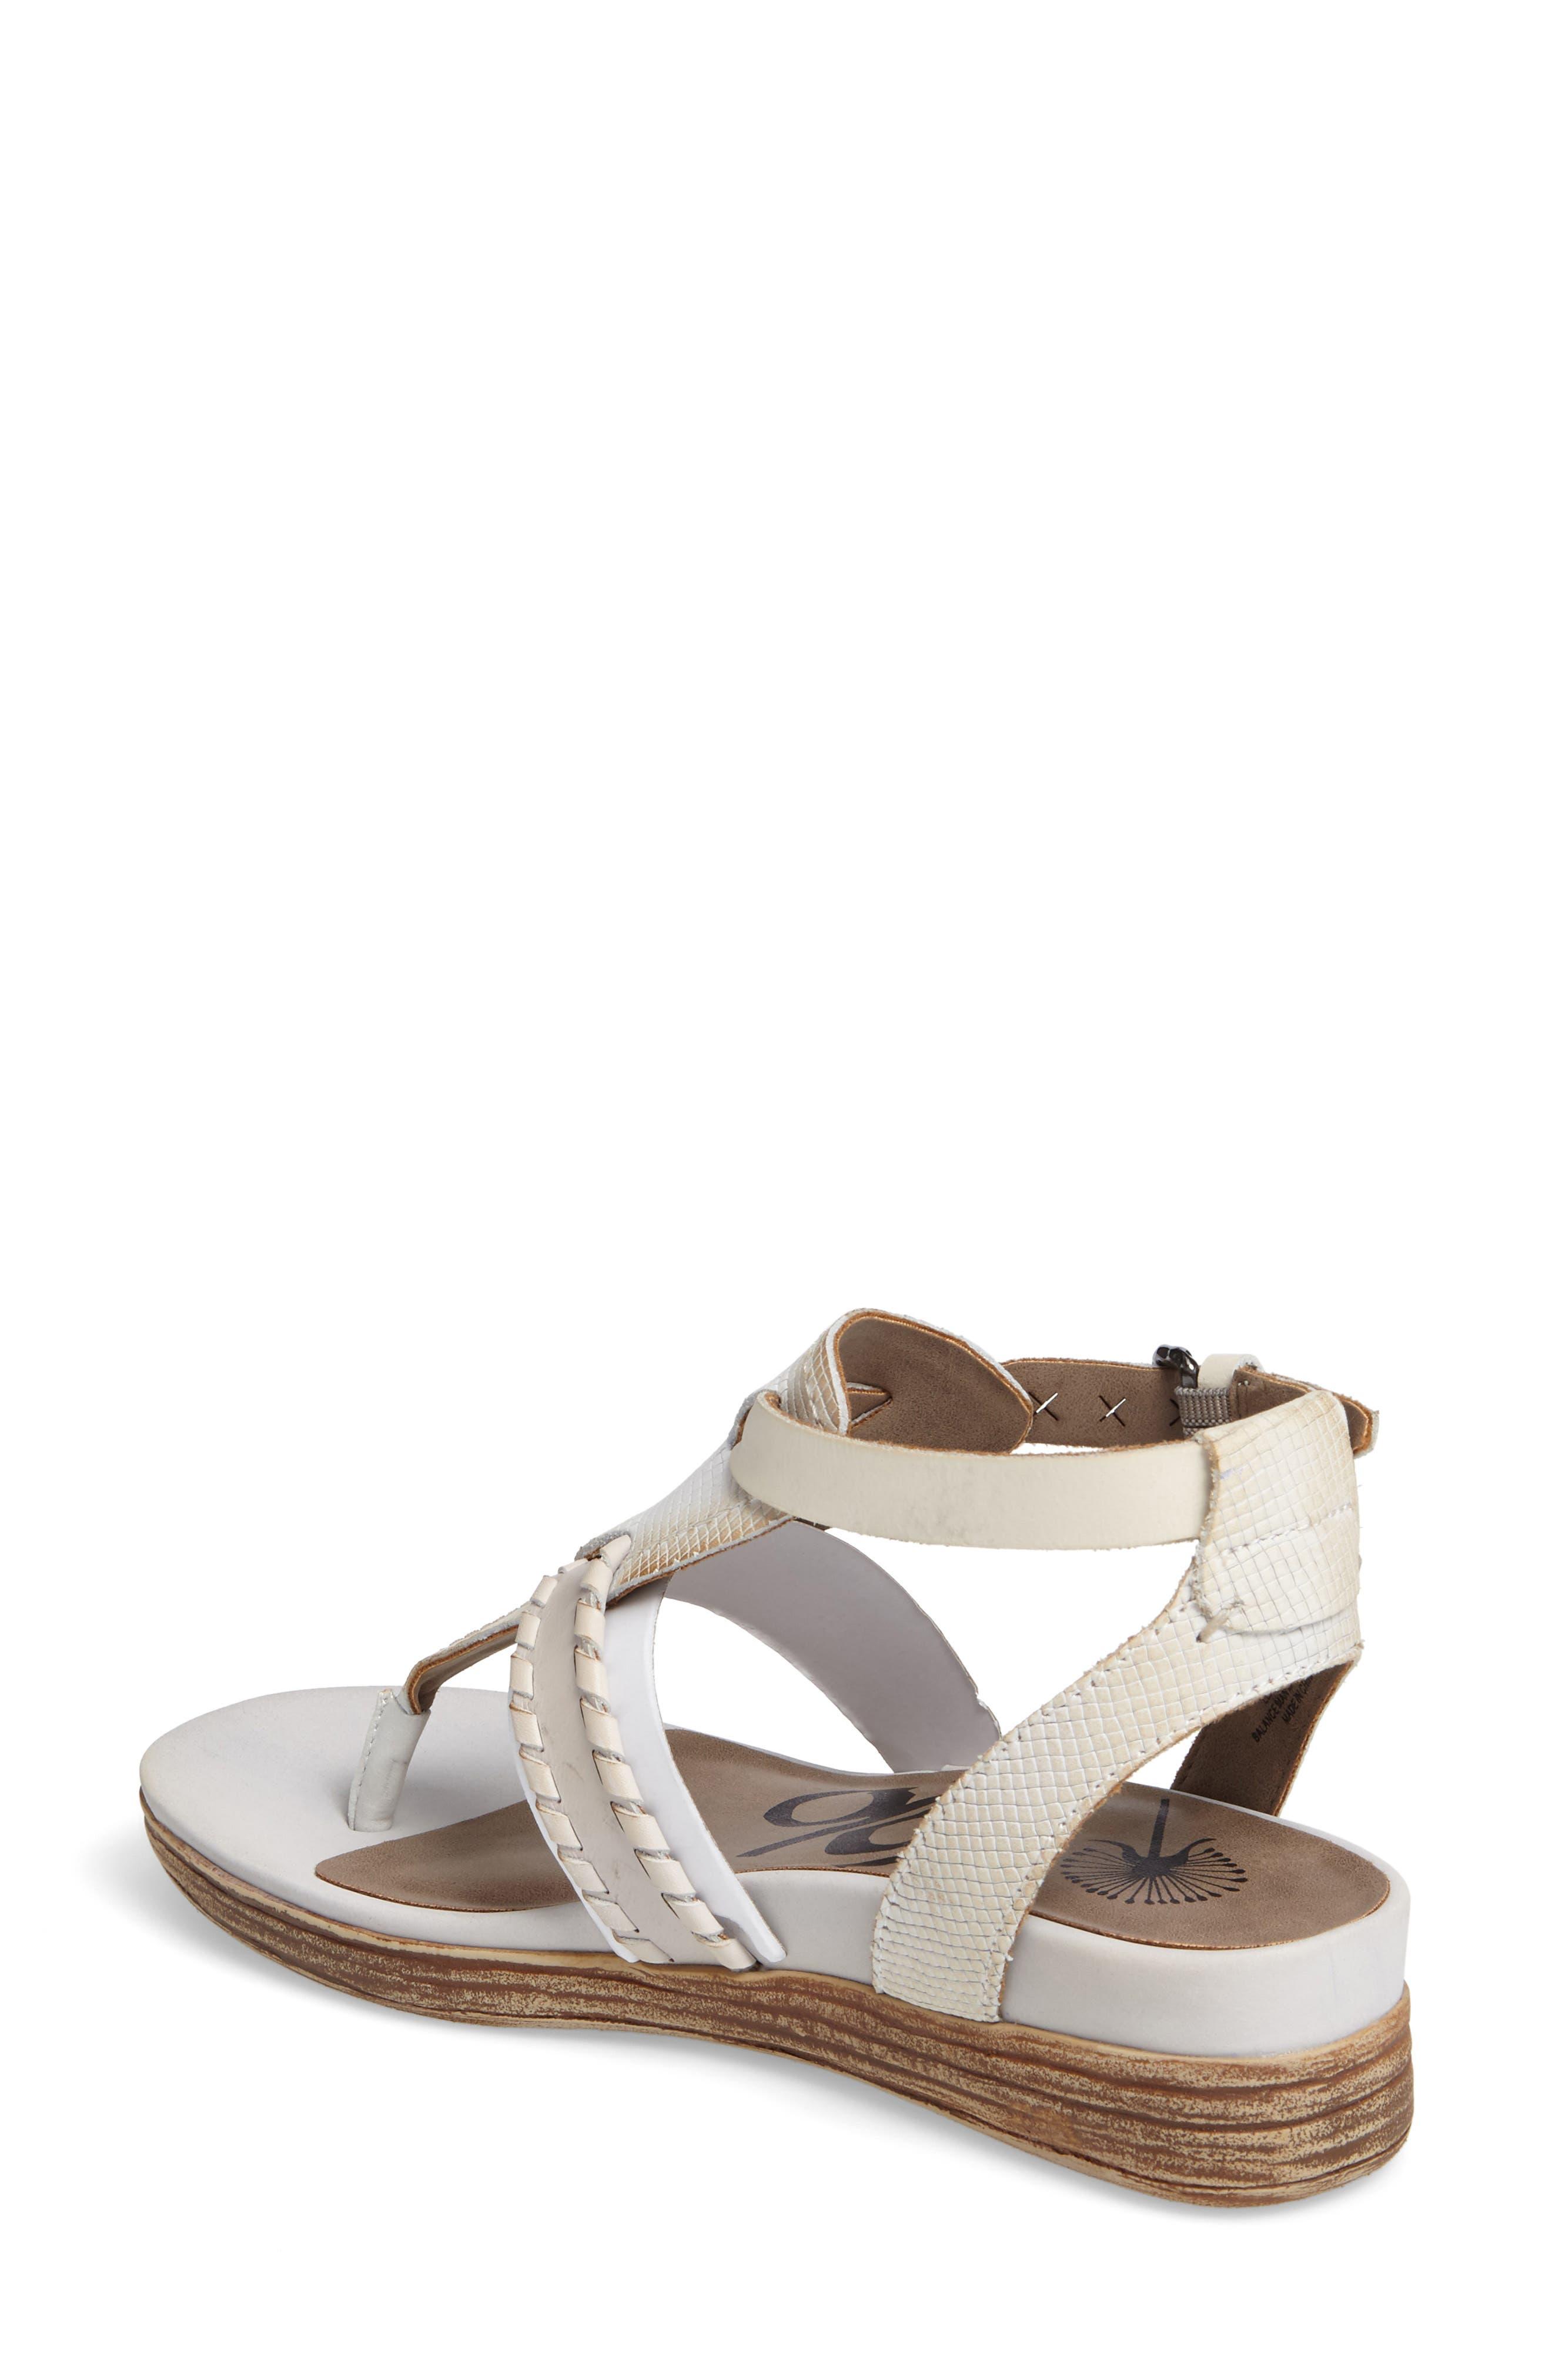 Alternate Image 2  - OTBT Celestial V-Strap Wedge Sandal (Women)